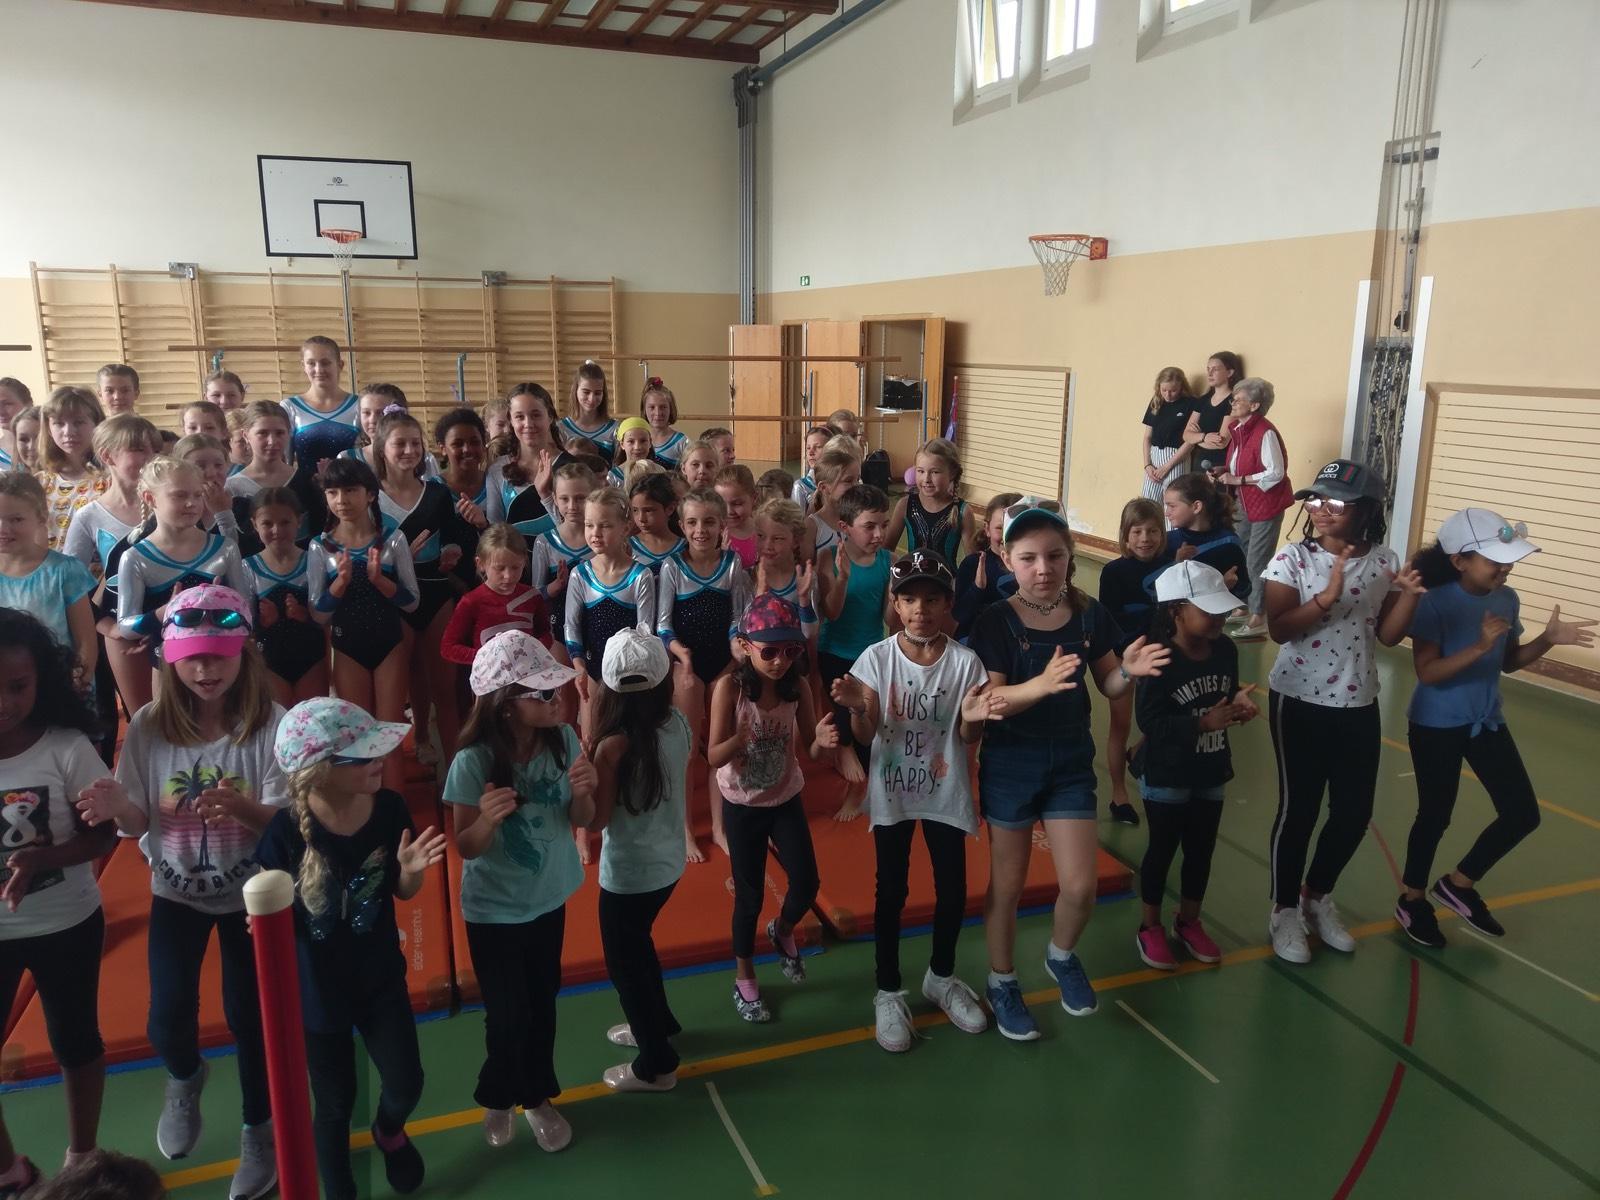 Auftritt Mädchen- Tanz- & Geräteriege und der Jugend der Damenriege